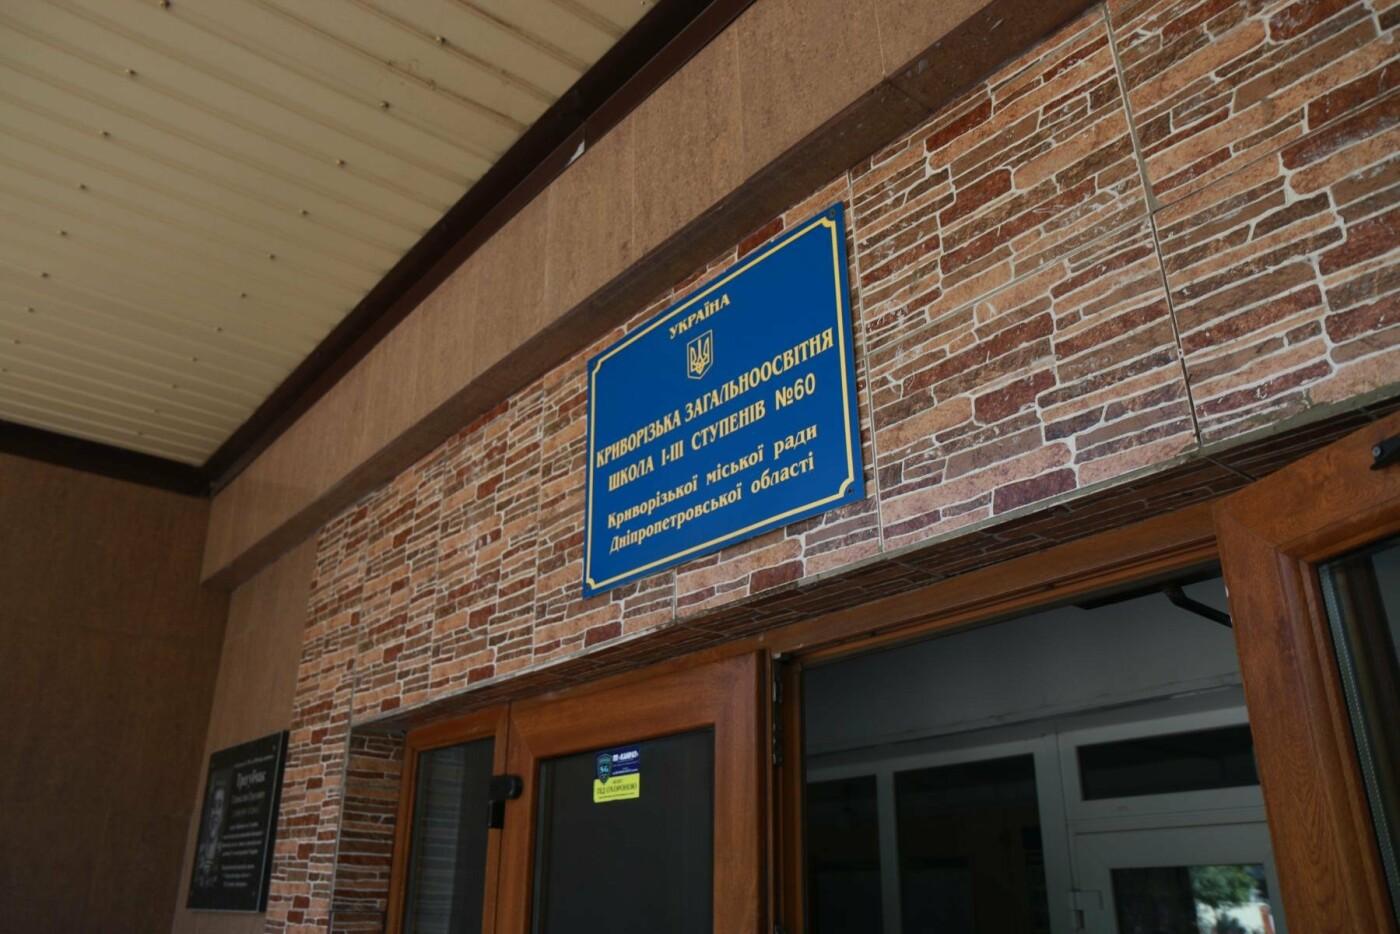 Нардеп Усов принял ремонт школы №60 в Кривом Роге, фото-1